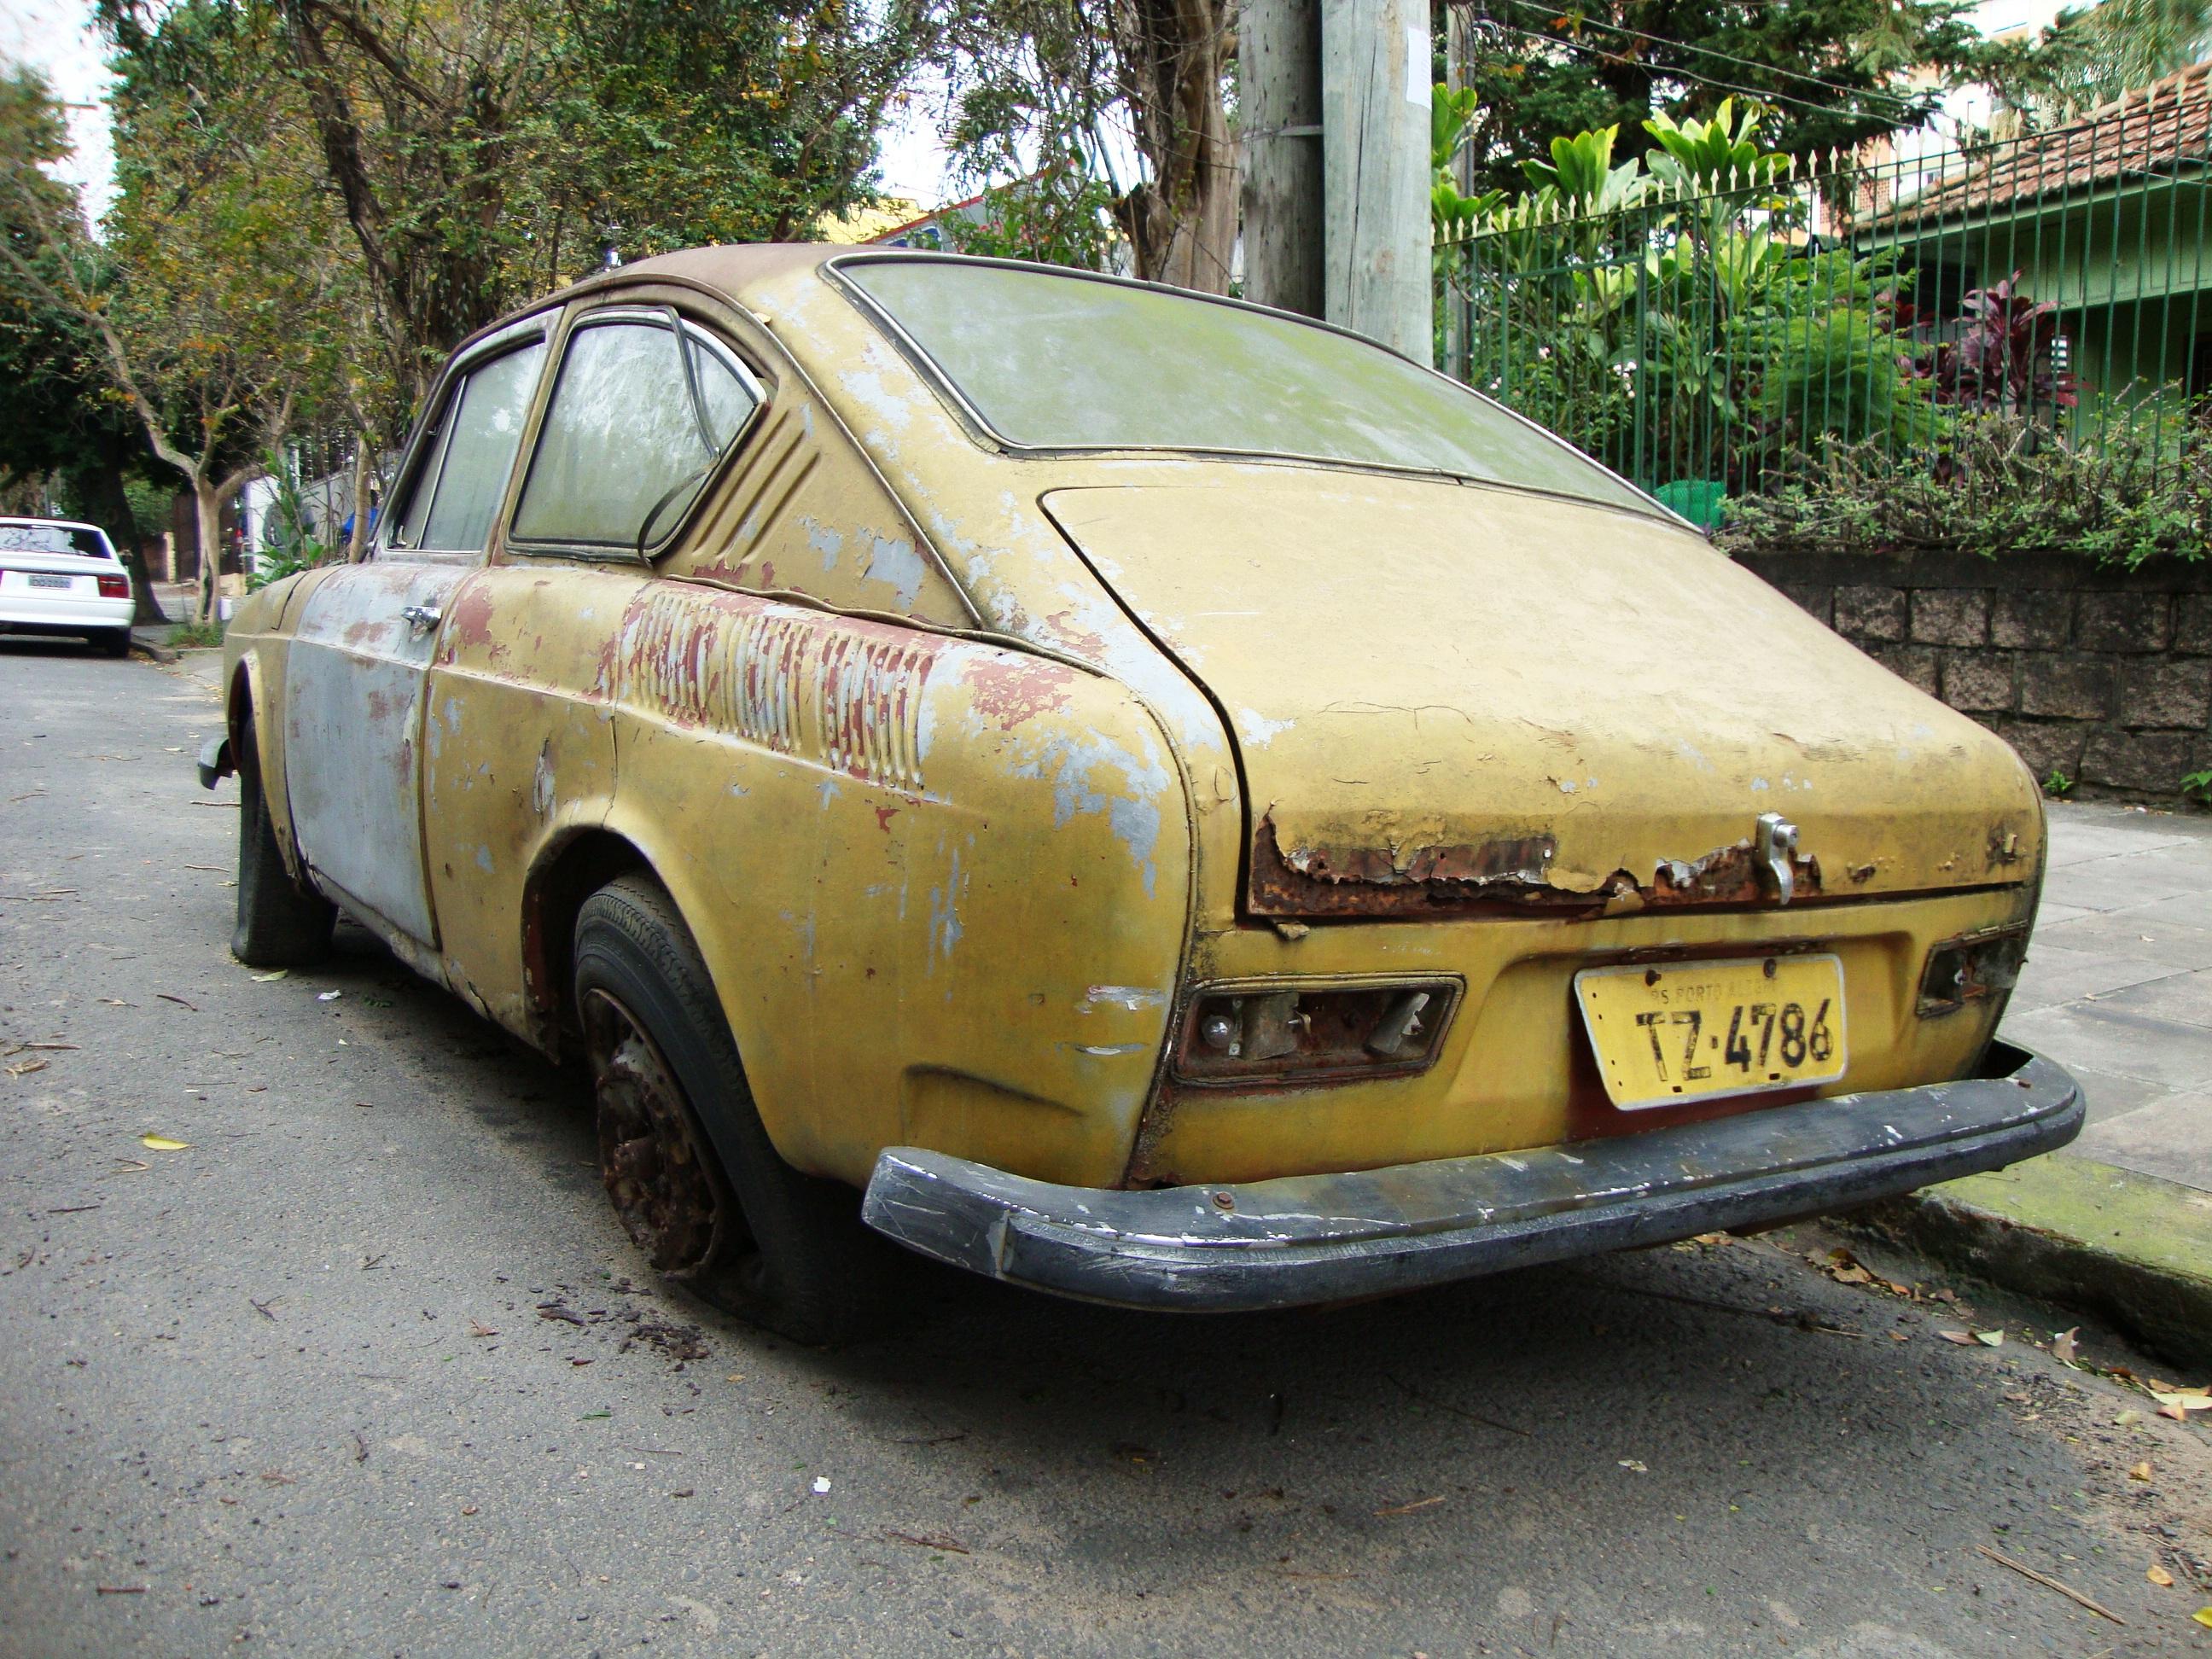 mkt-poa-tl8 VW TL